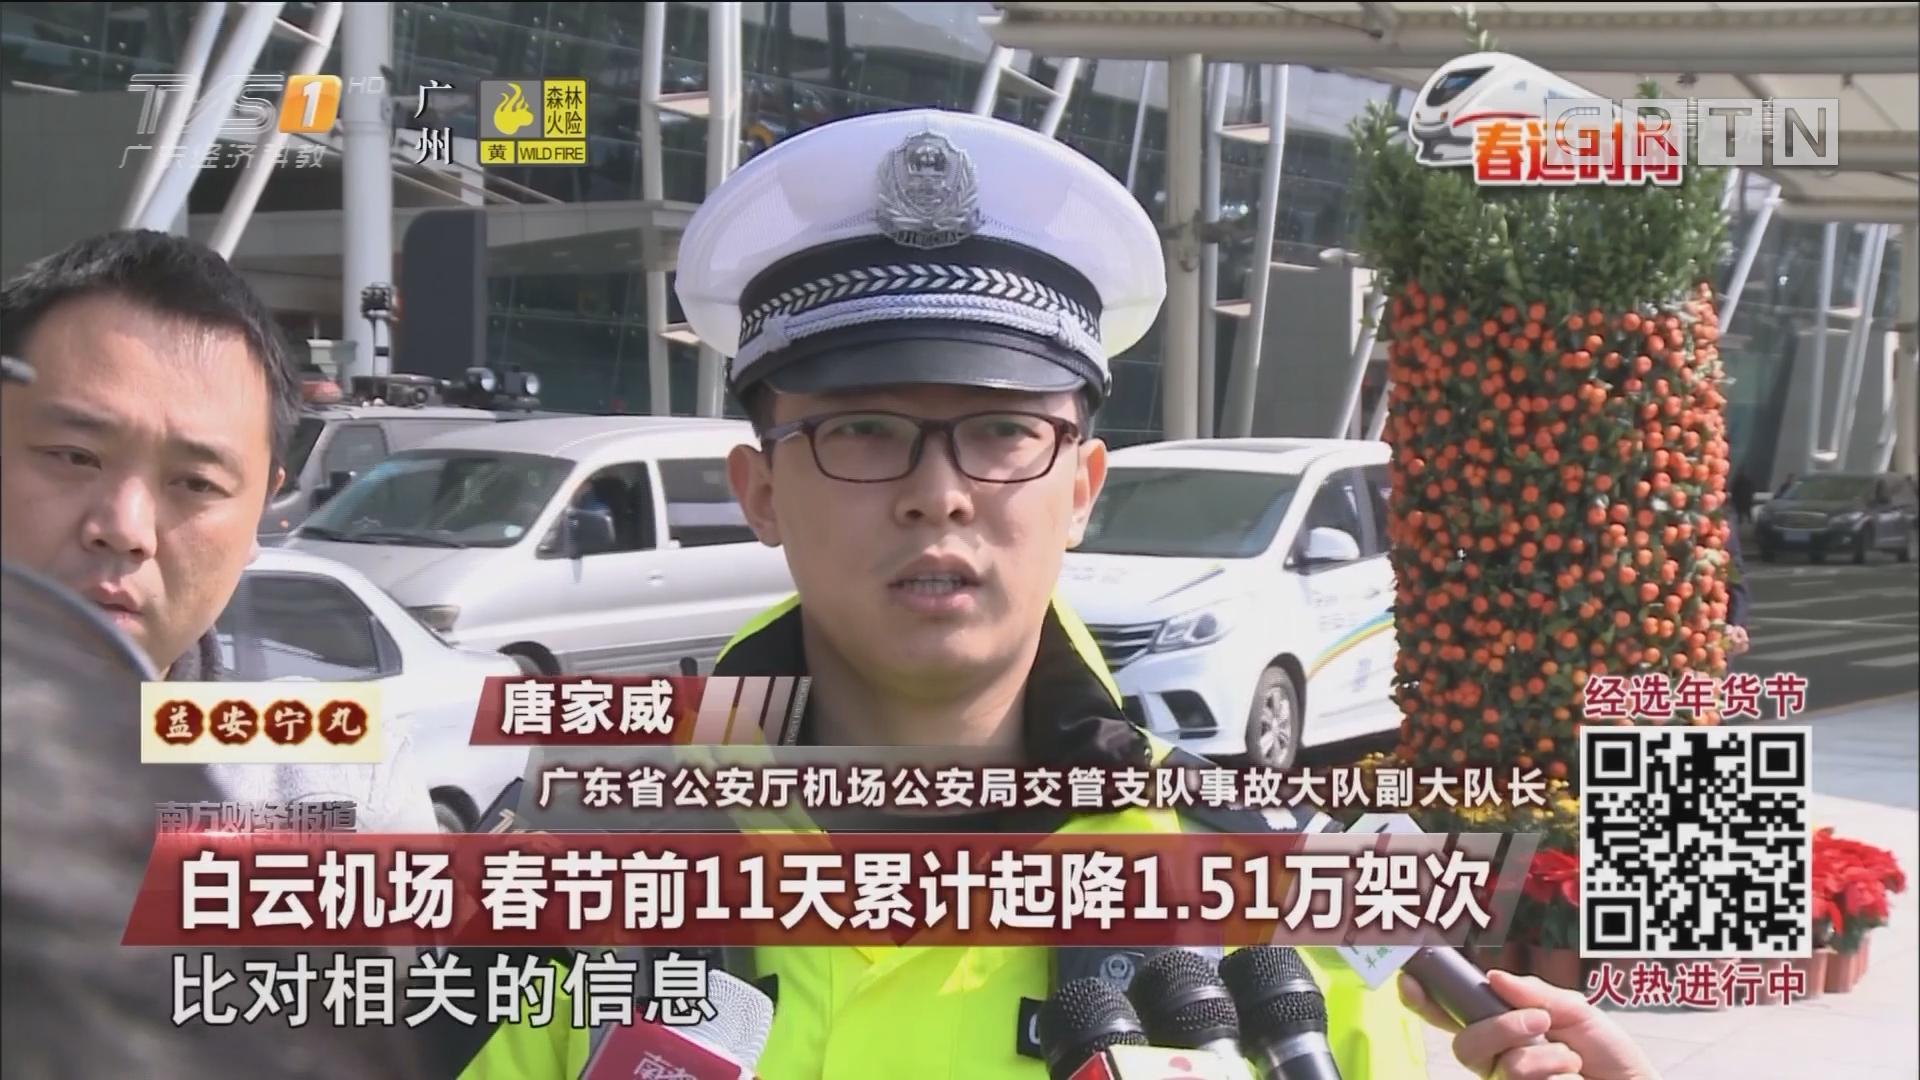 白云机场 春节前11天累计起降1.51万架次